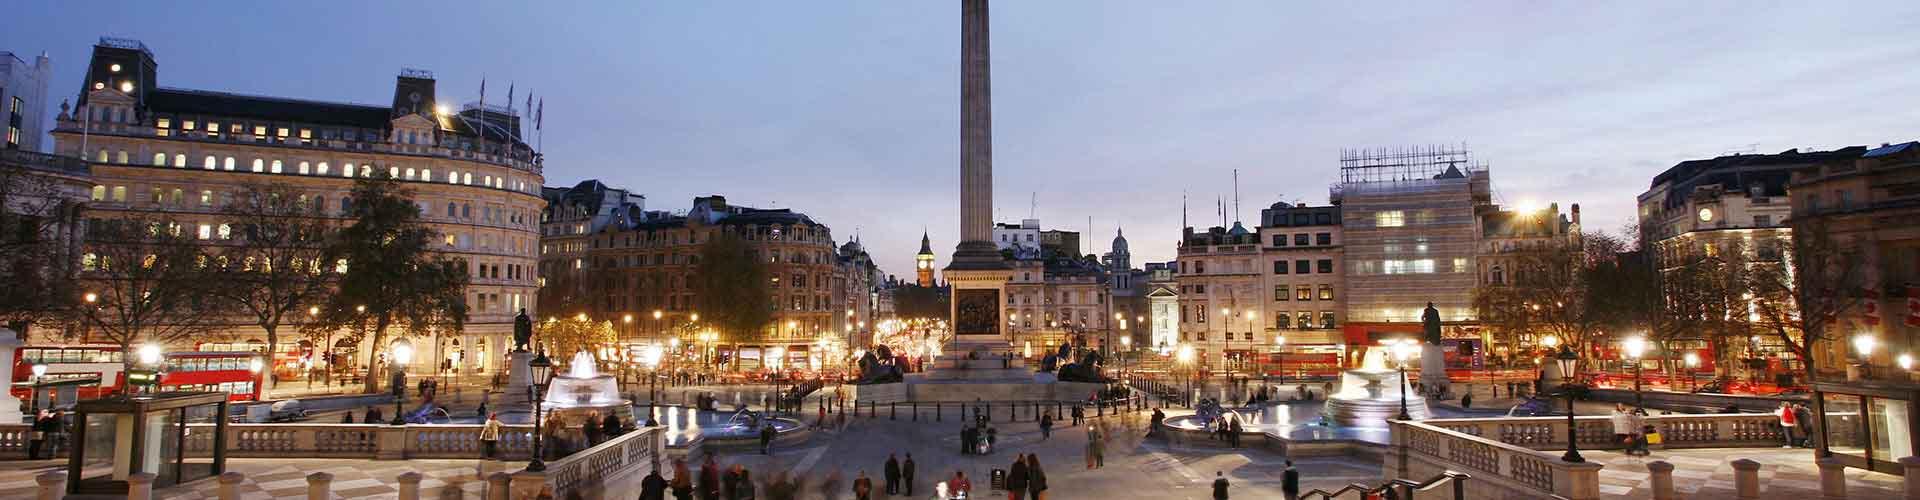 런던 - Nelson's Column에 가까운 아파트. 런던의 지도, 런던에 위치한 아파트에 대한 사진 및 리뷰.